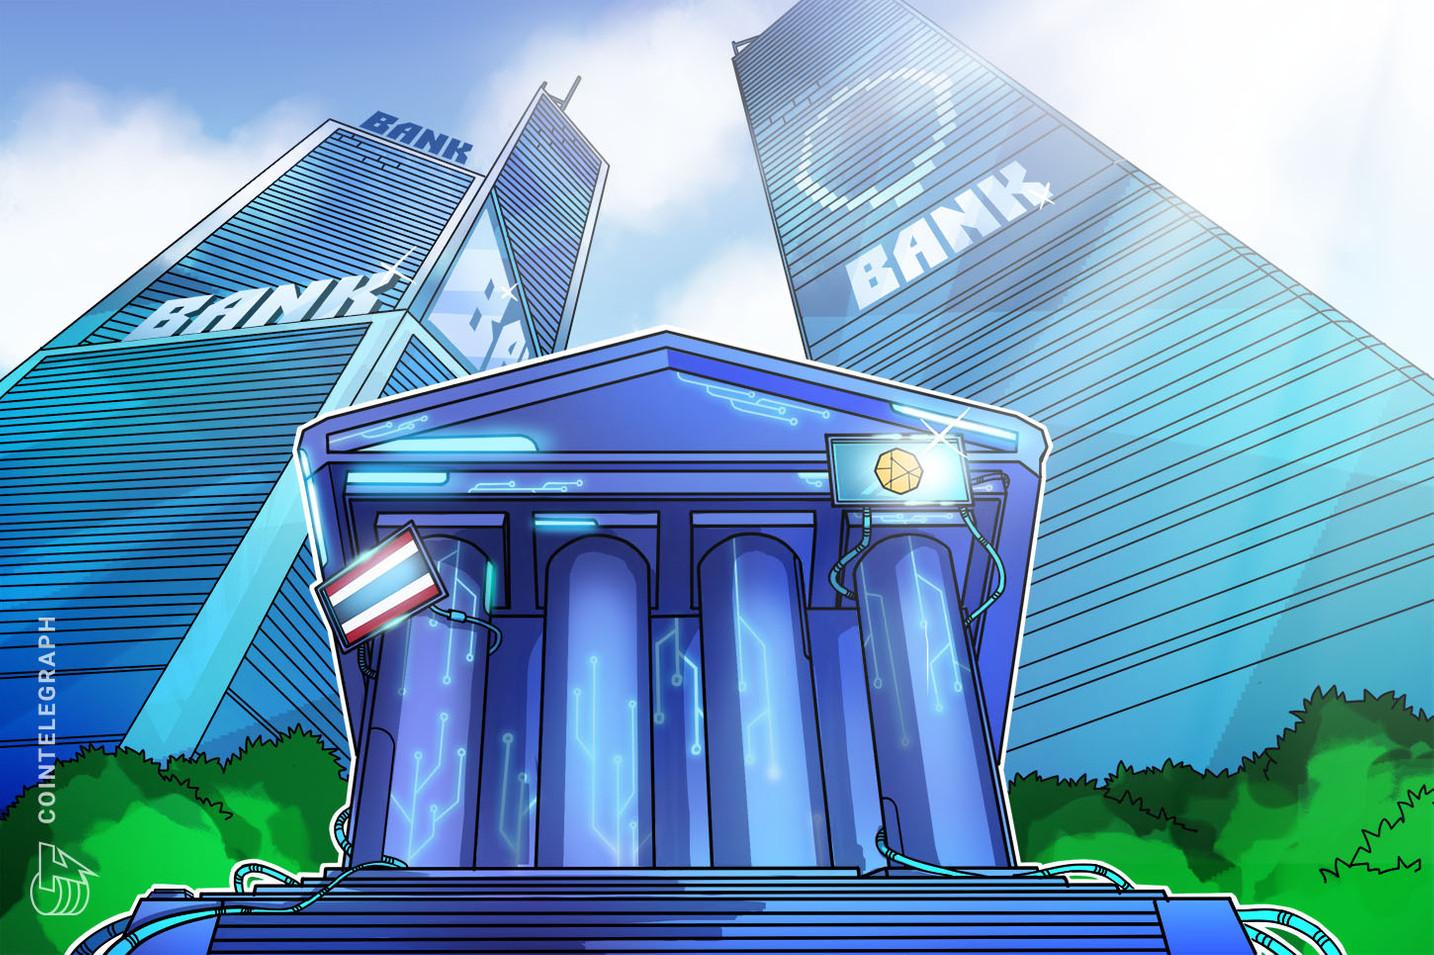 DeFi priemysel láka do komerčných bánk? Siam stávky s fondom 110 miliónov dolárov